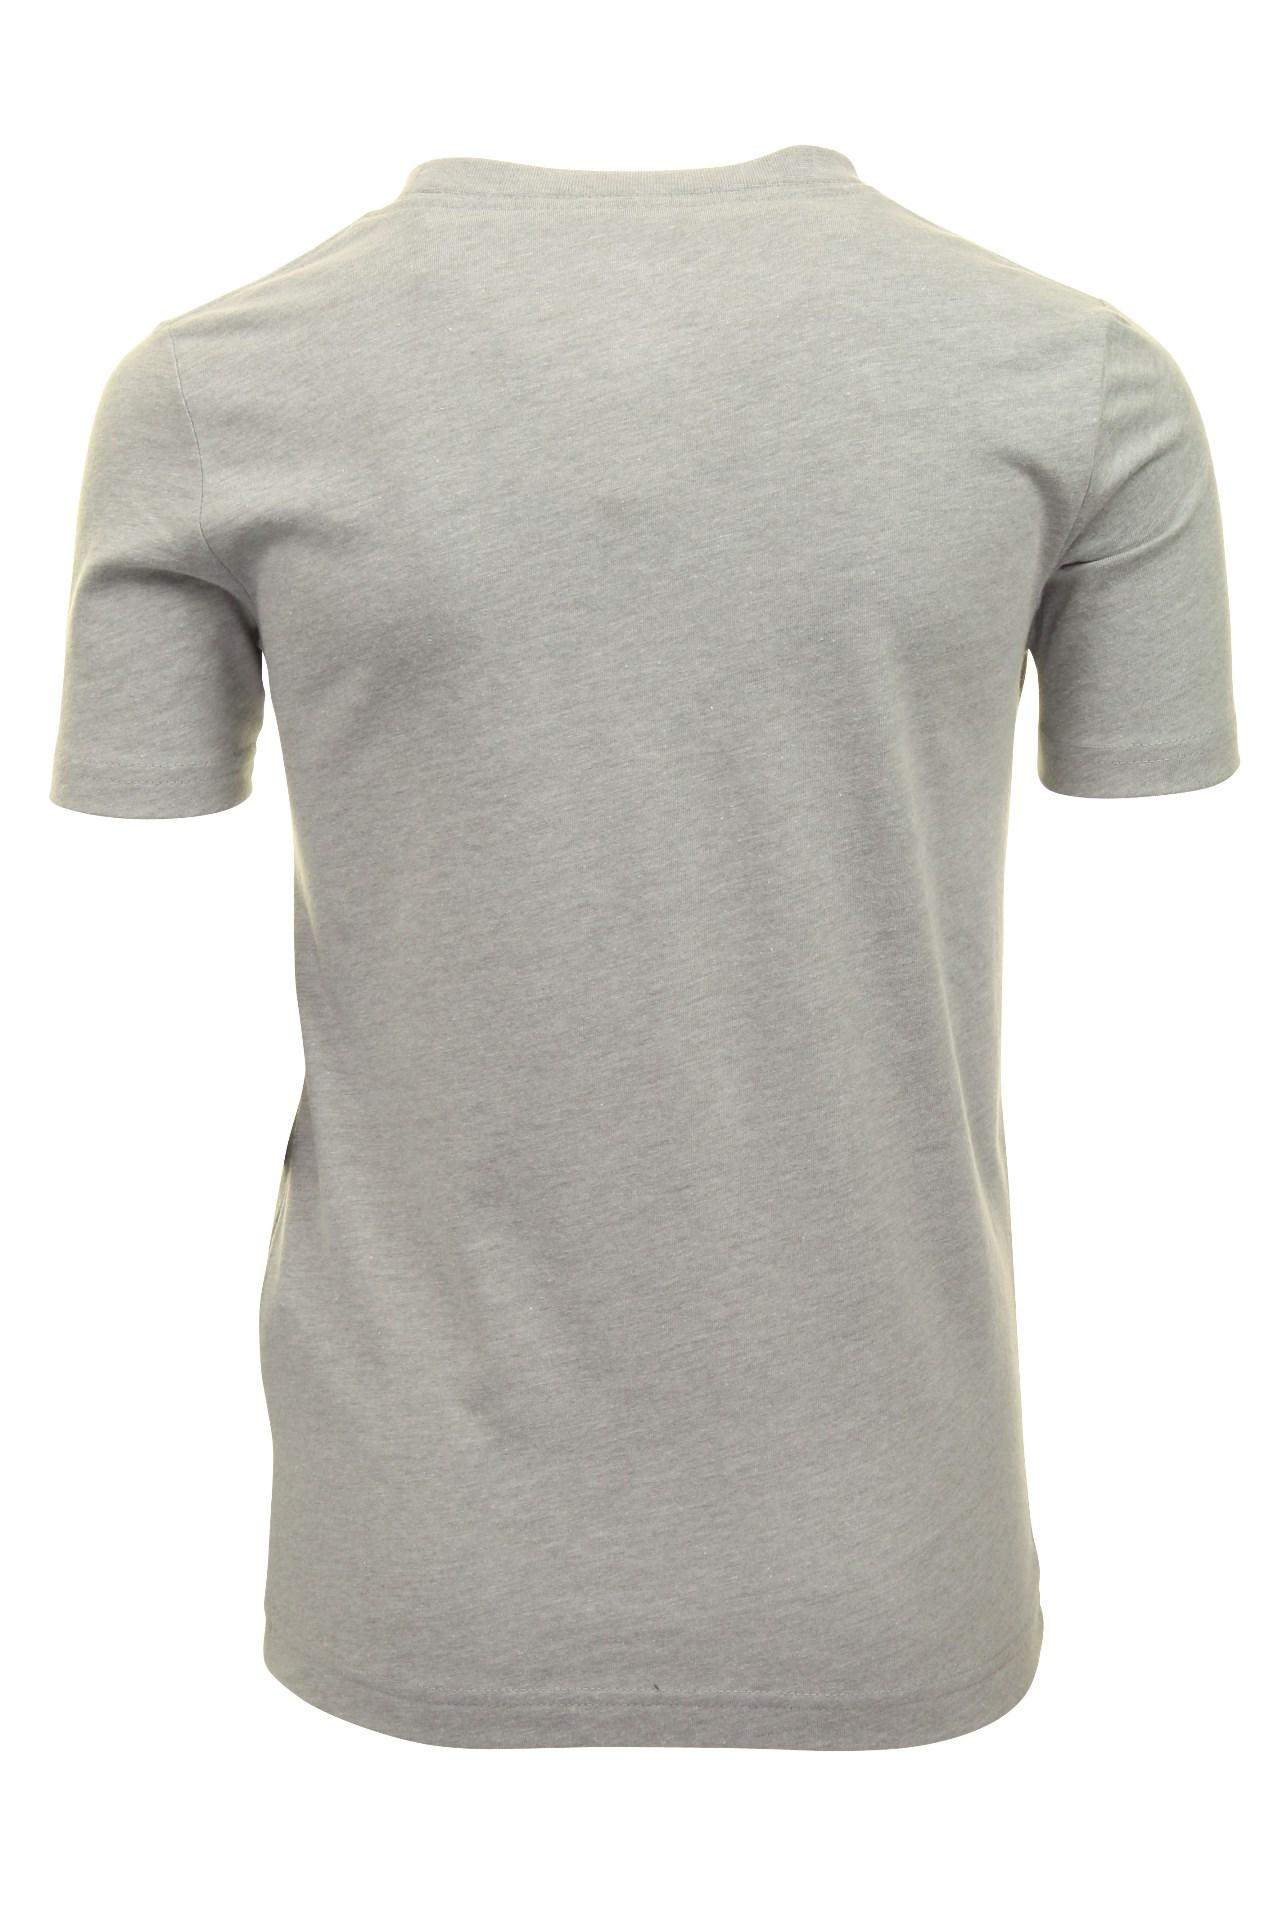 Converse-Boys-Chunk-Patch-T-Shirt thumbnail 6